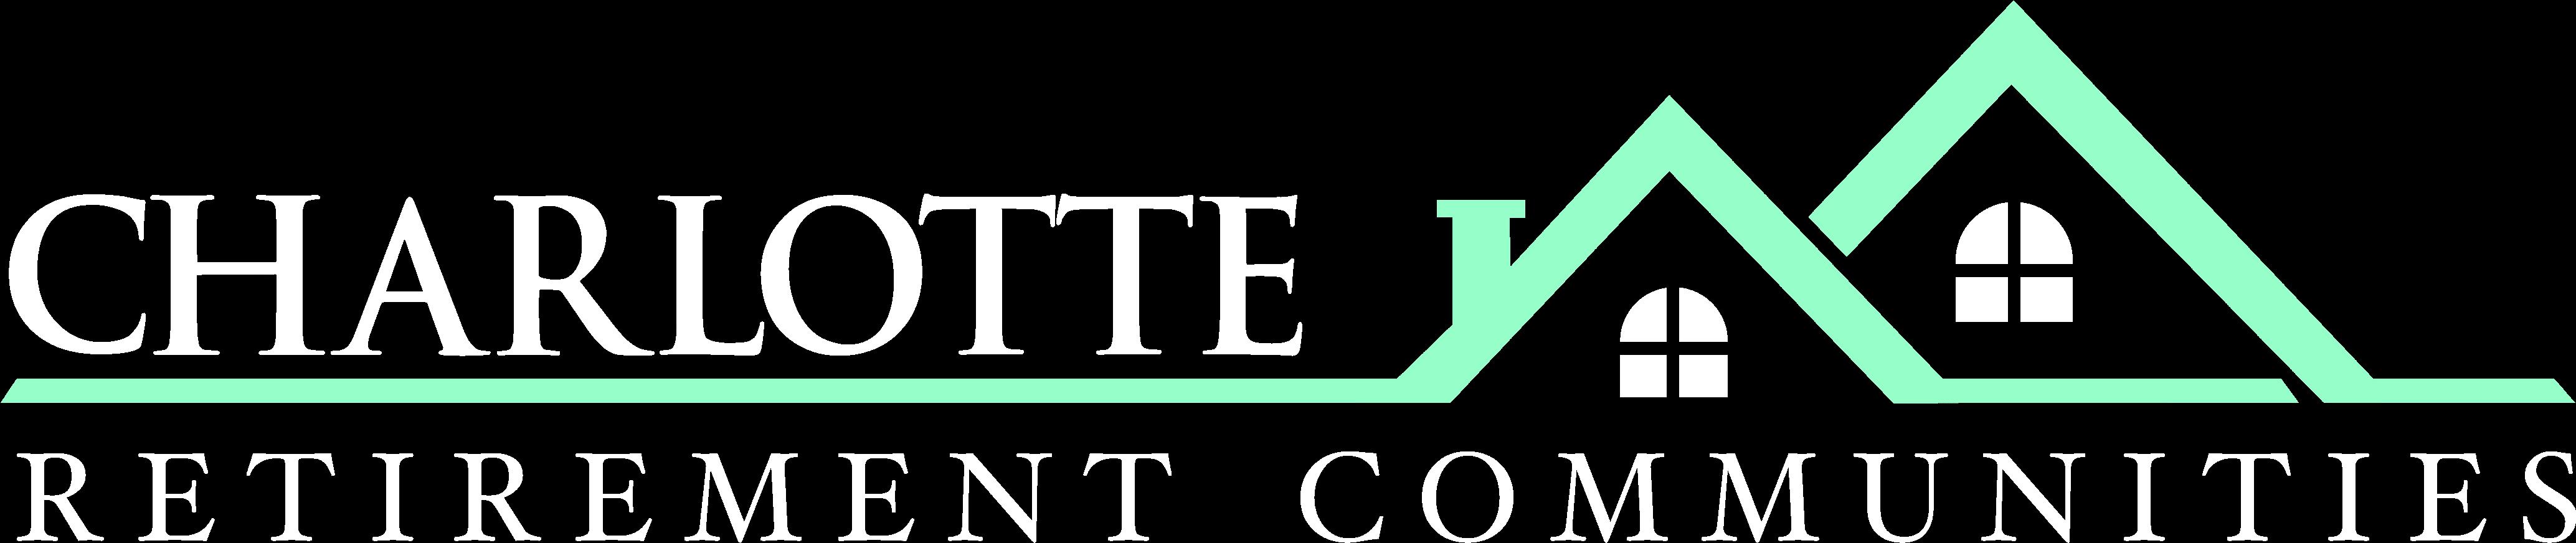 main footer logo